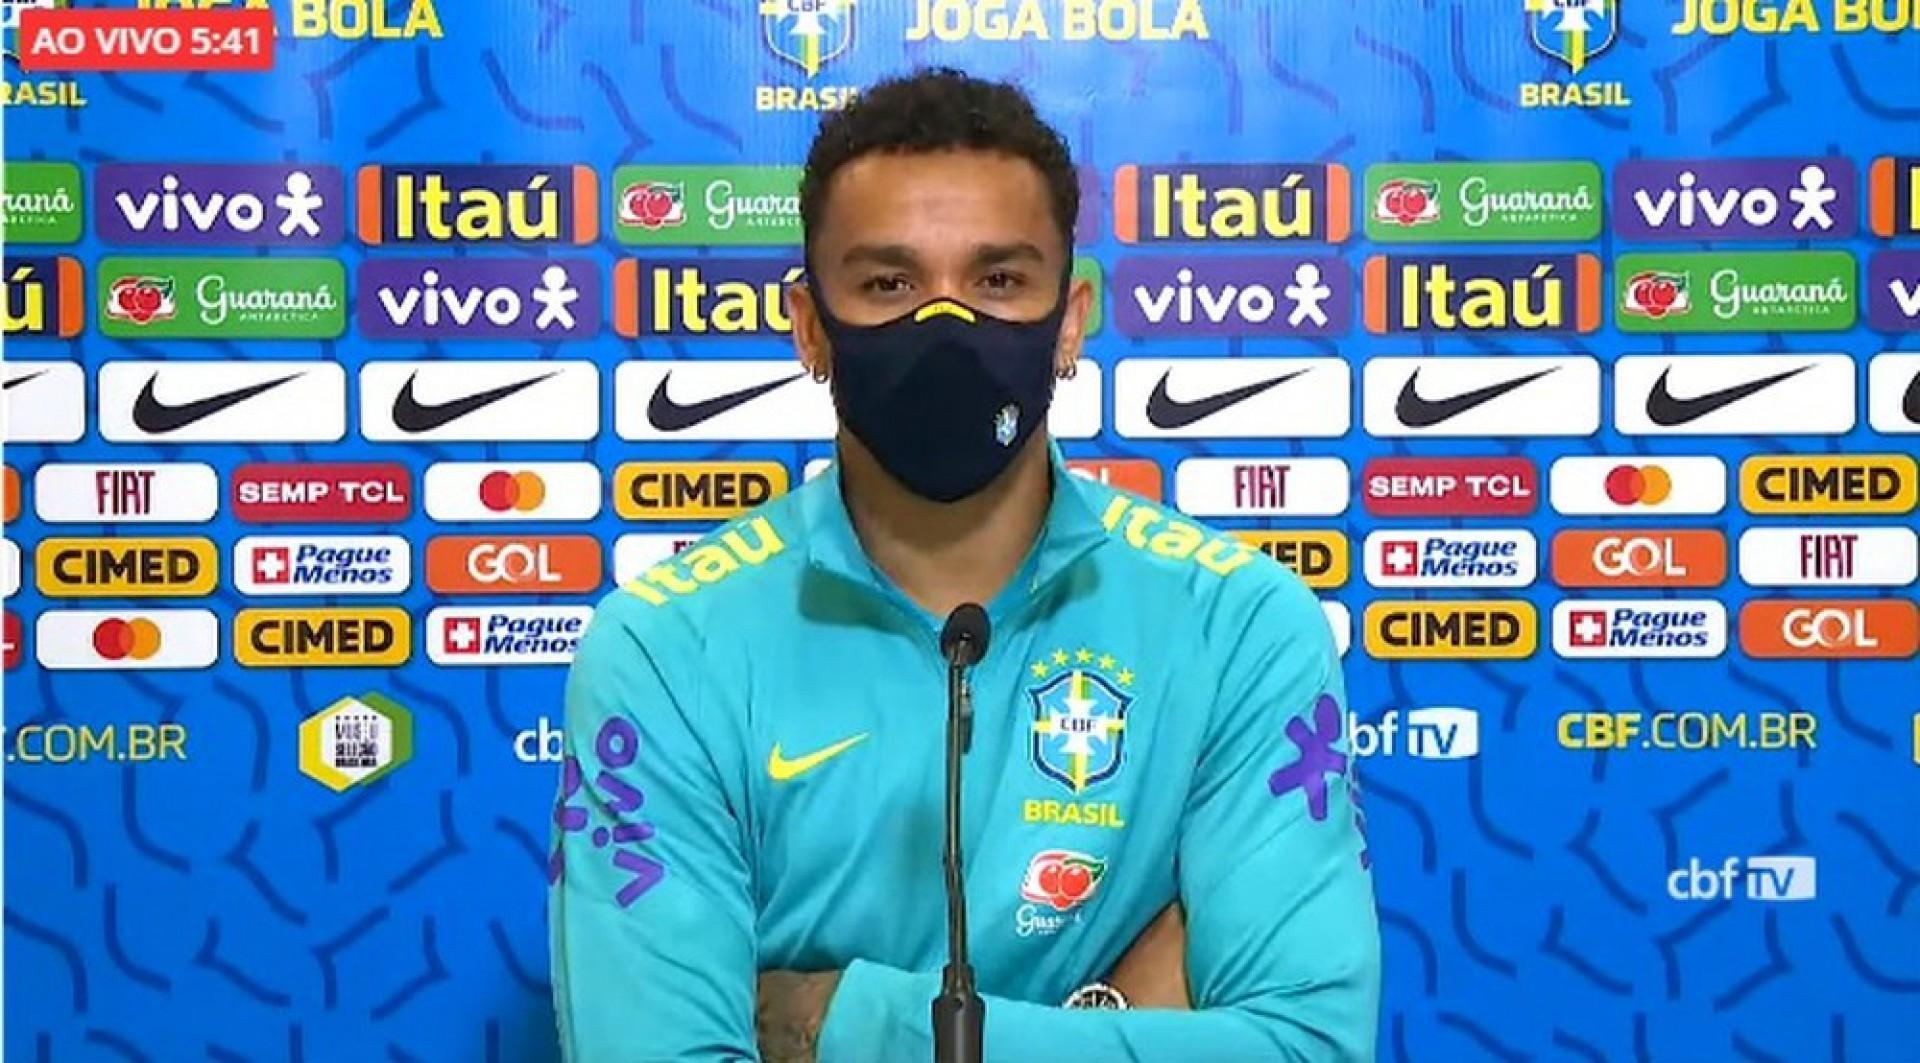 Danilo afirma que argentinos 'sabiam das regras' e pede que Fifa atue com justiça